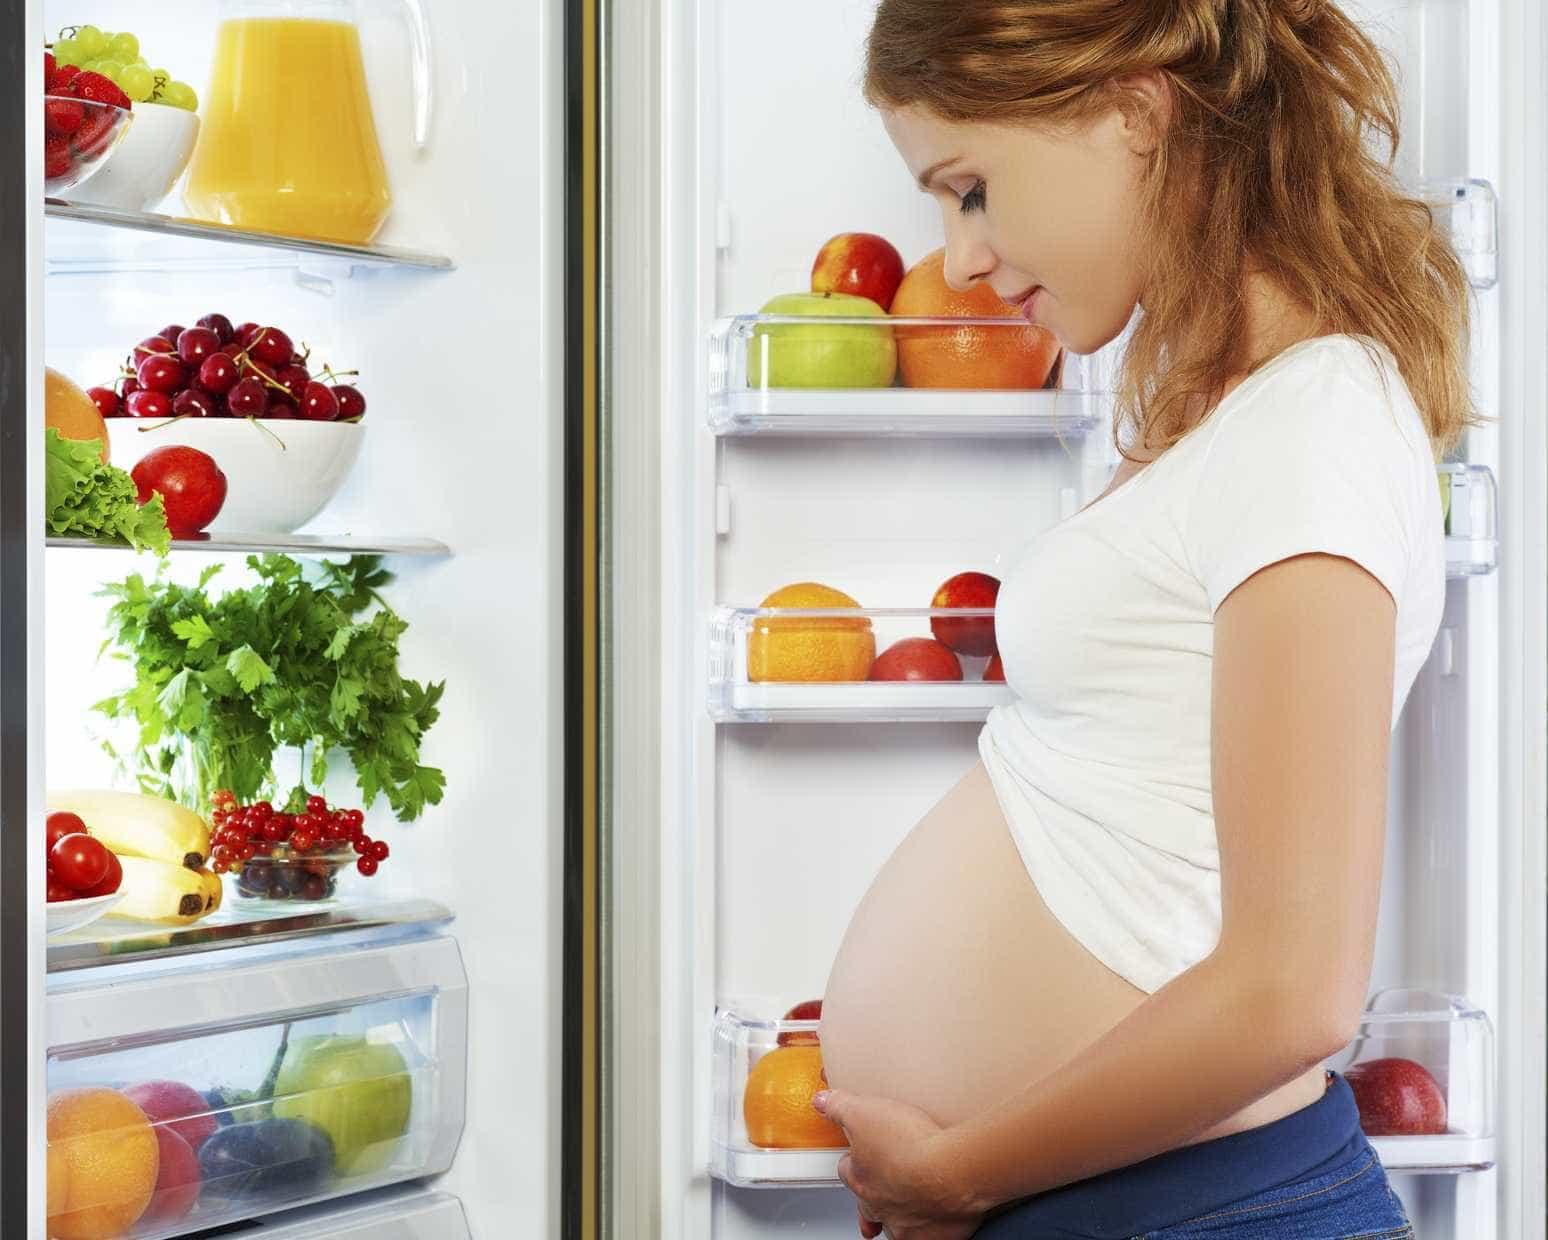 Conheça o transtorno alimentar que surge na gravidez